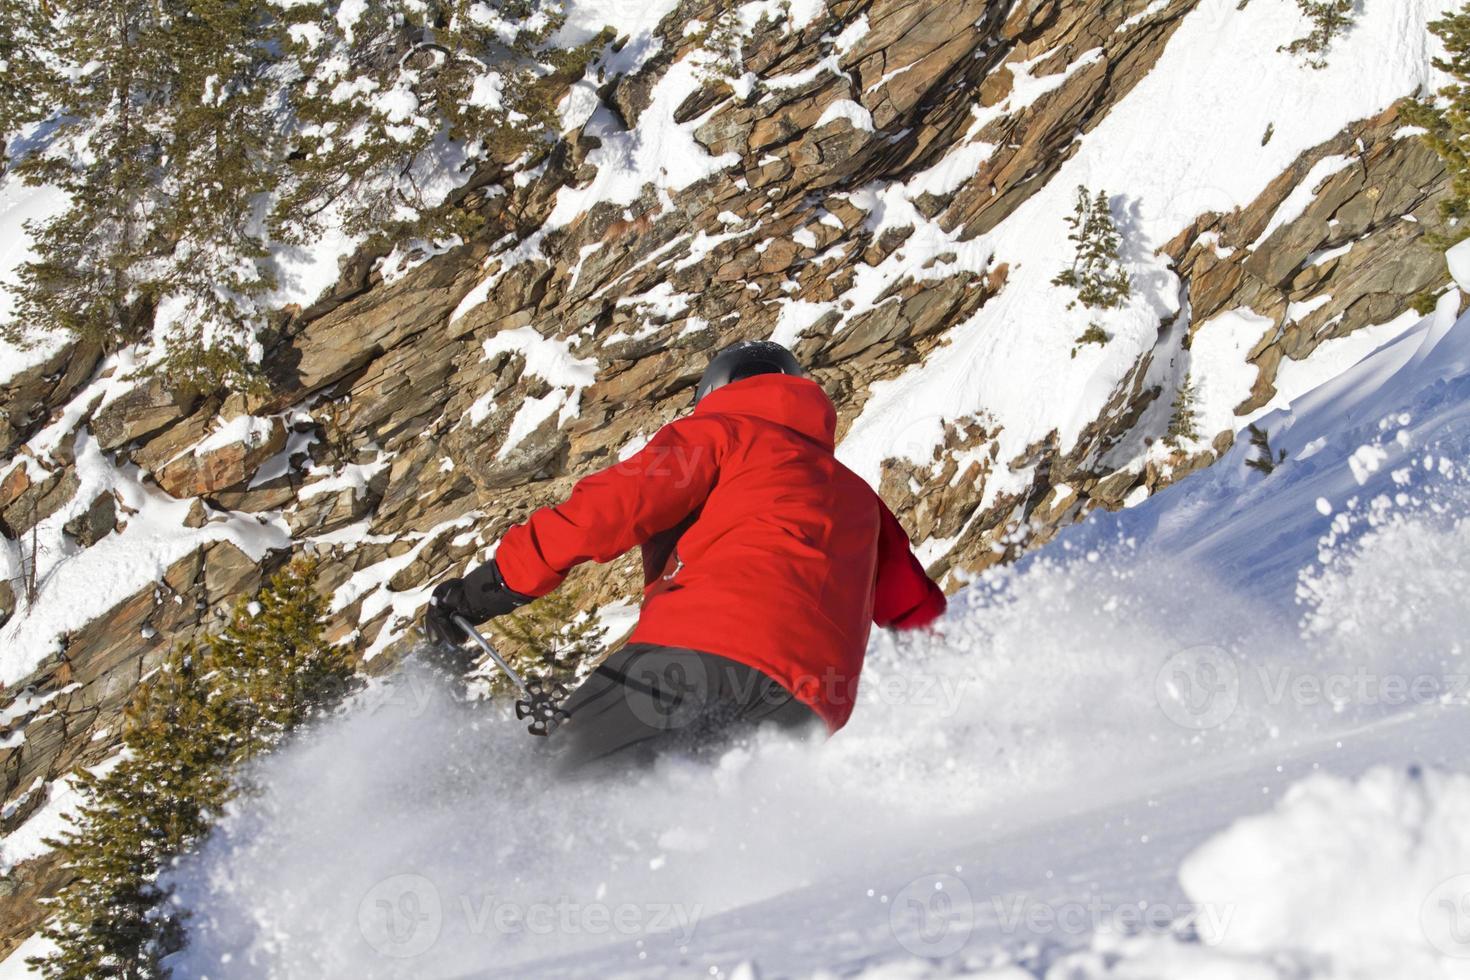 männliches Skifahren in abfallender Position foto